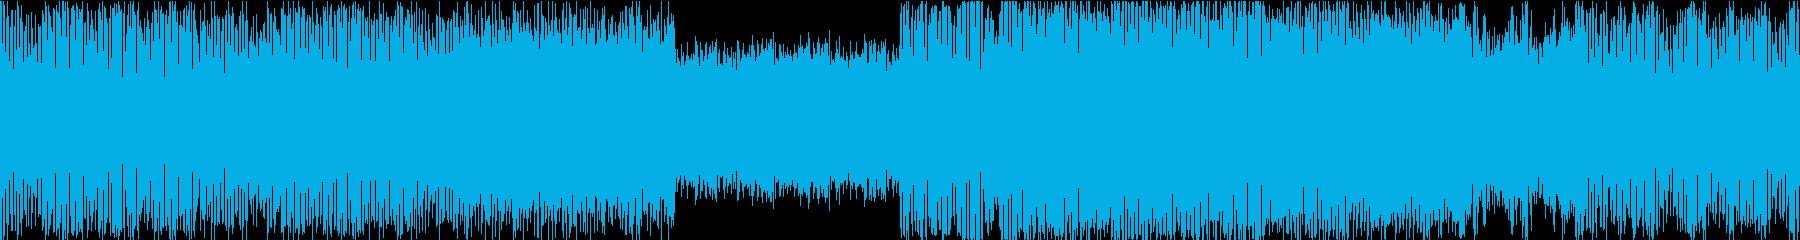 【ループ】リズム重視の重低音ダンス楽曲の再生済みの波形